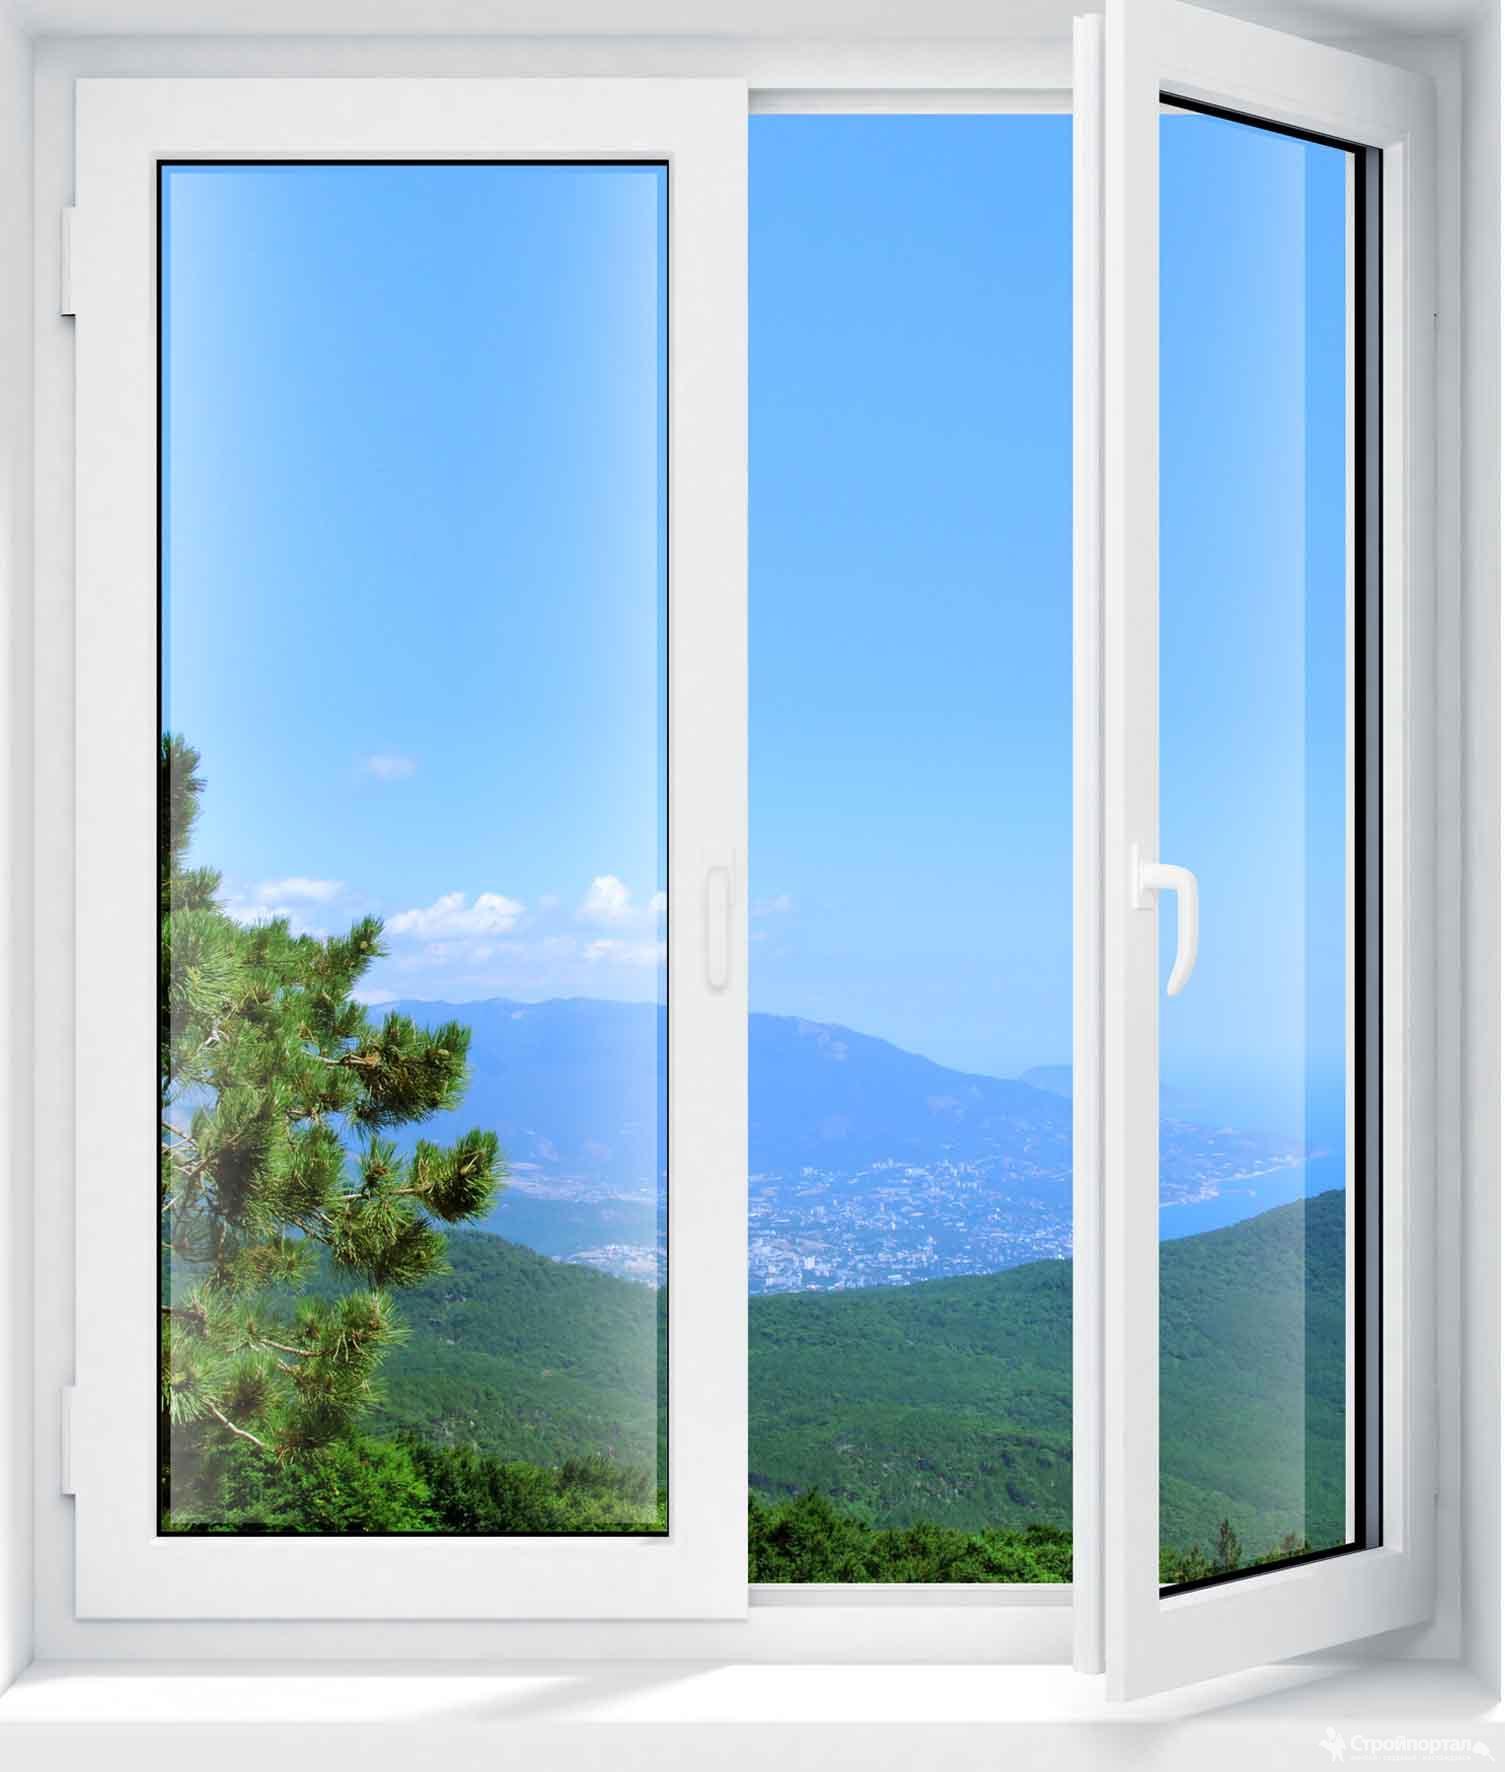 Как выбрать пластиковые окна – правильный выбор, мнение и рекомендации эксперта